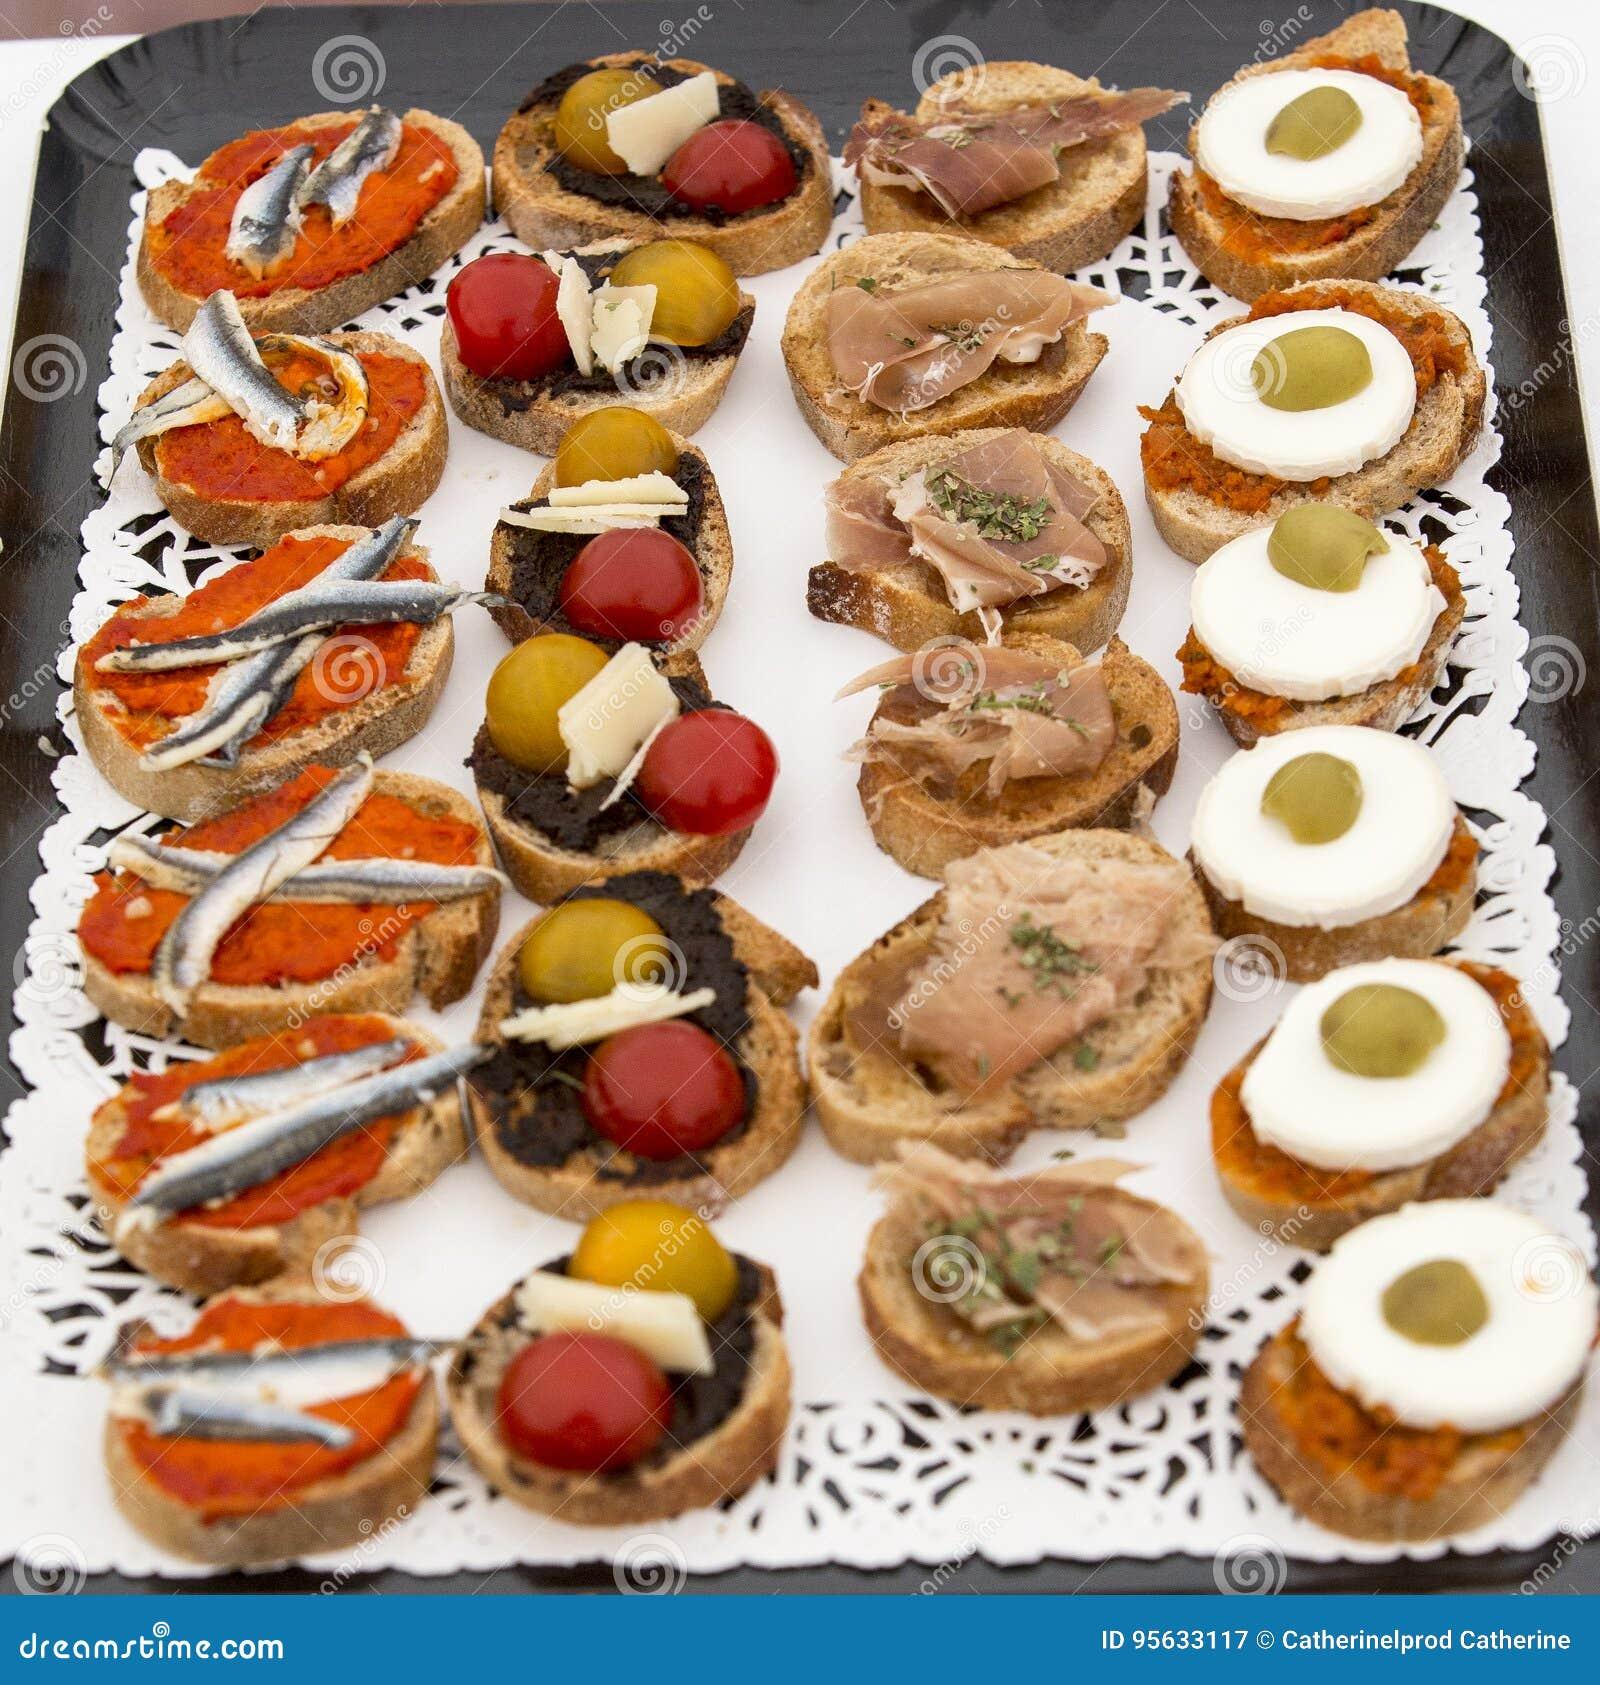 Canapés Apéritifs: Toasts With Pate Stock Photography